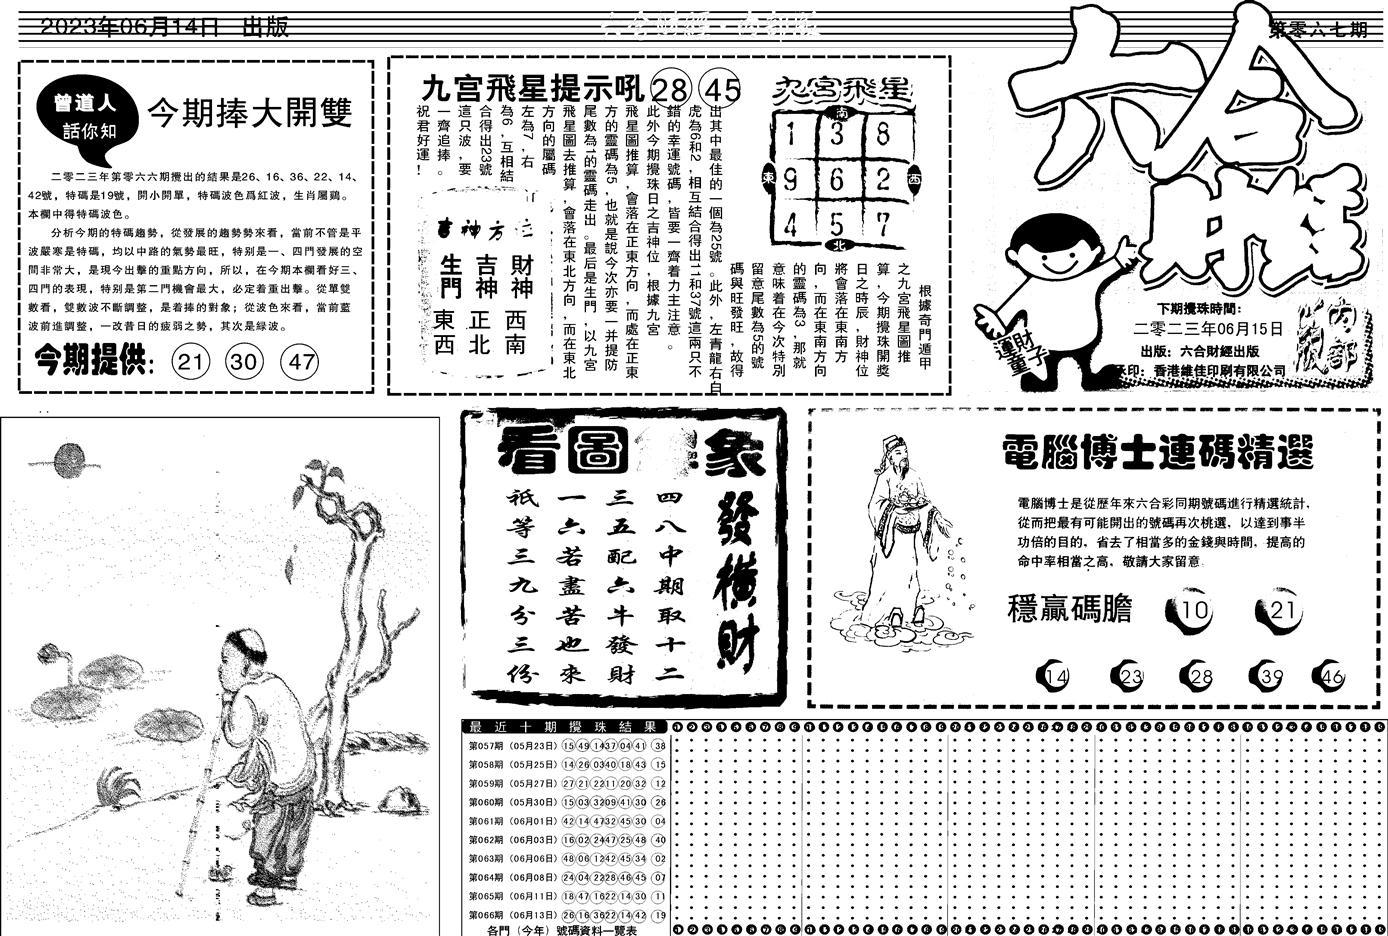 067期中财经A(黑白)